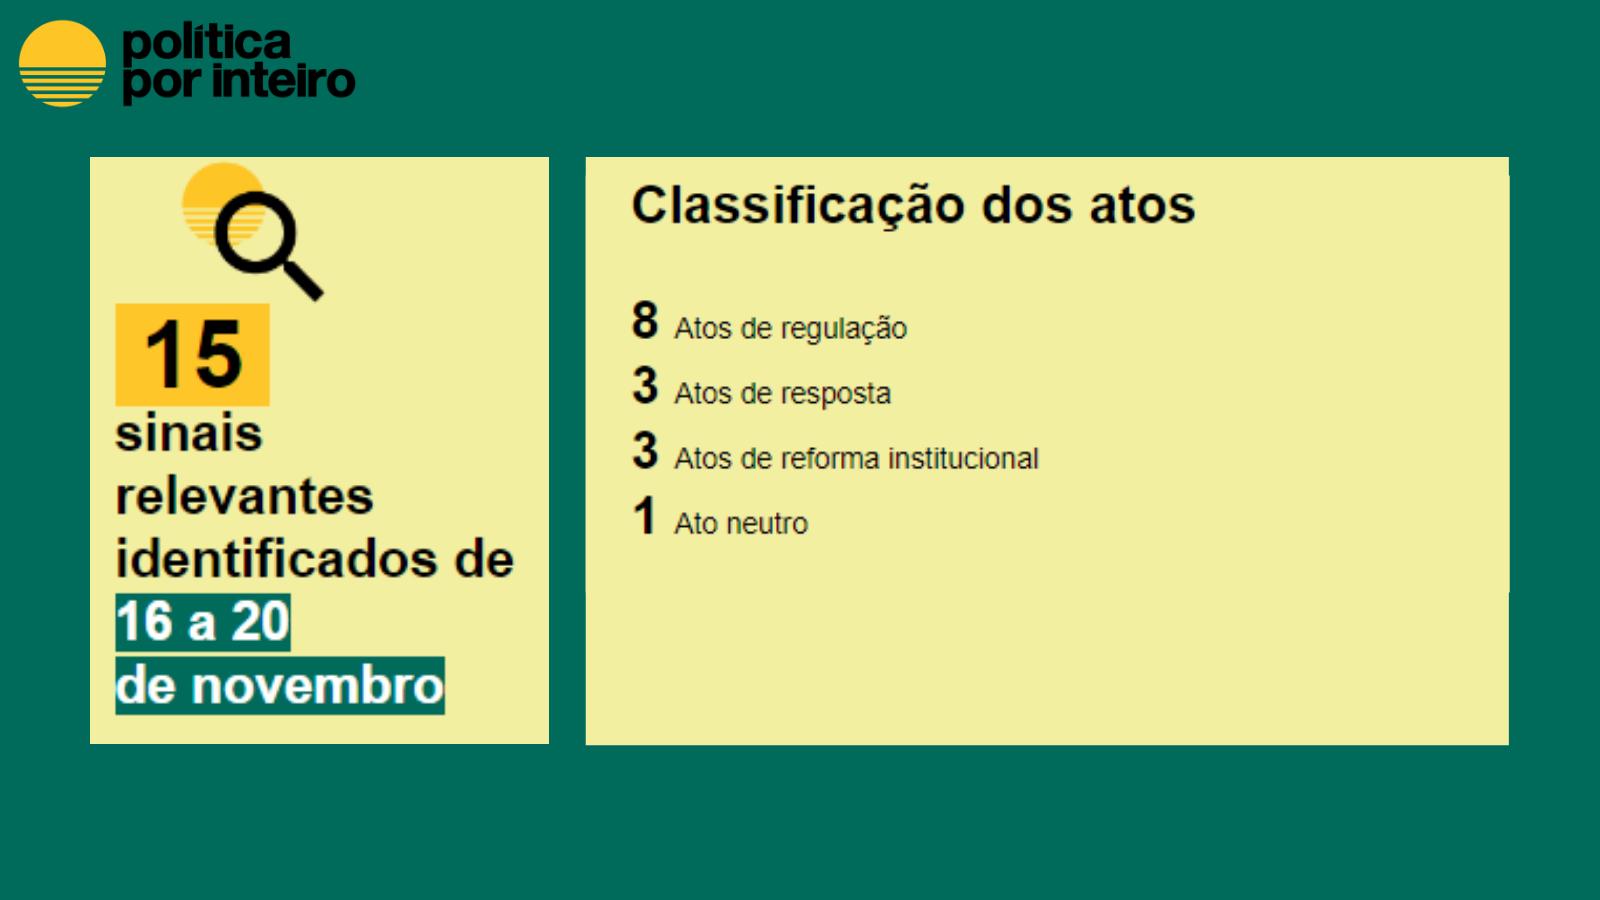 Classificação dos atos 8 Atos de regulação 3 Atos de resposta 3 Atos de reforma institucional 1 Ato neutro